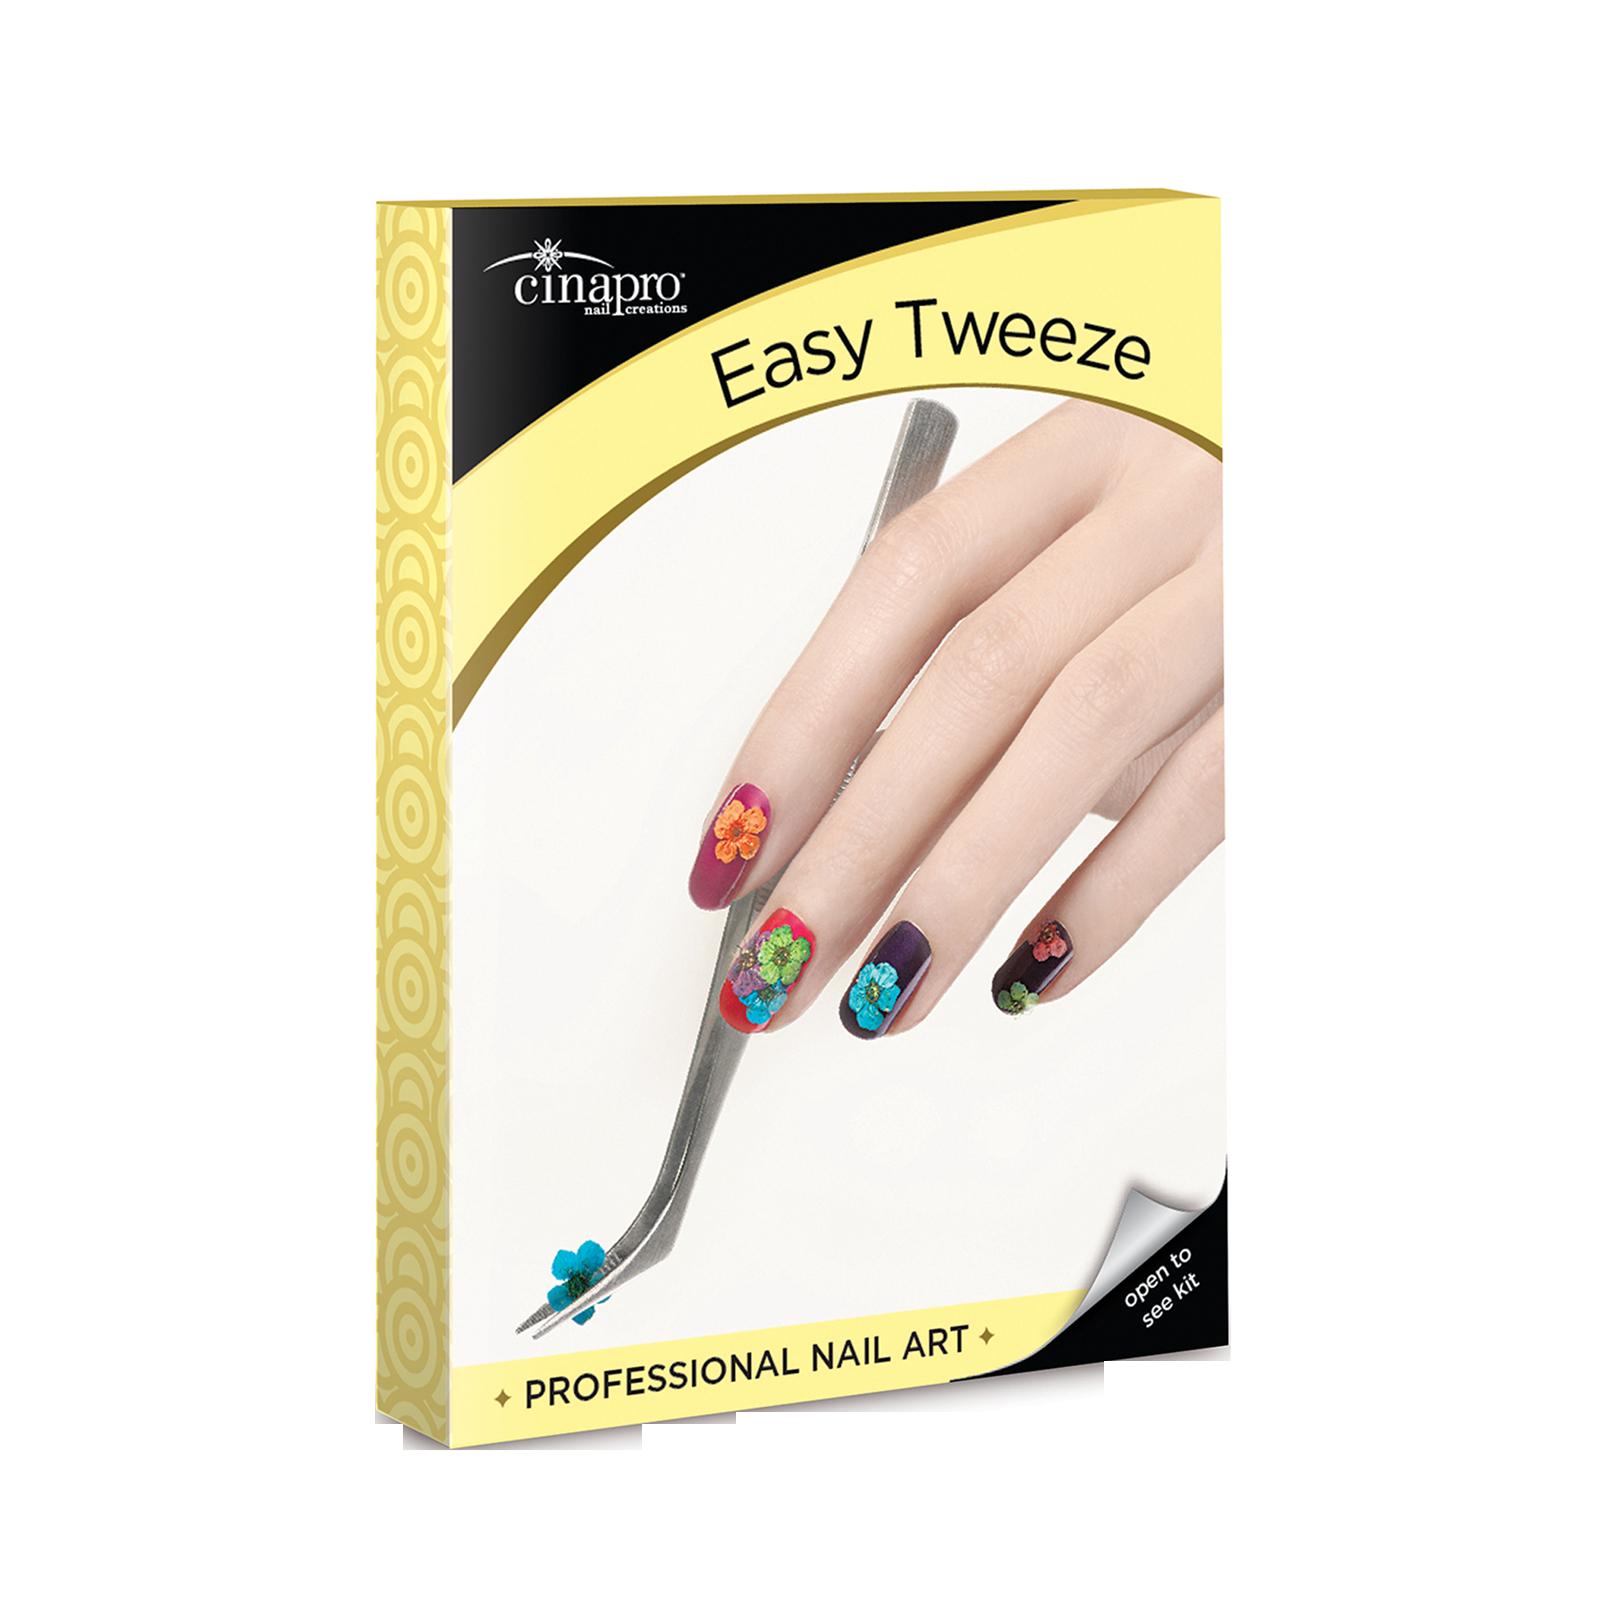 Cinapro Professional Nail Art Easy Tweeze Cuccio Cina Pro Star